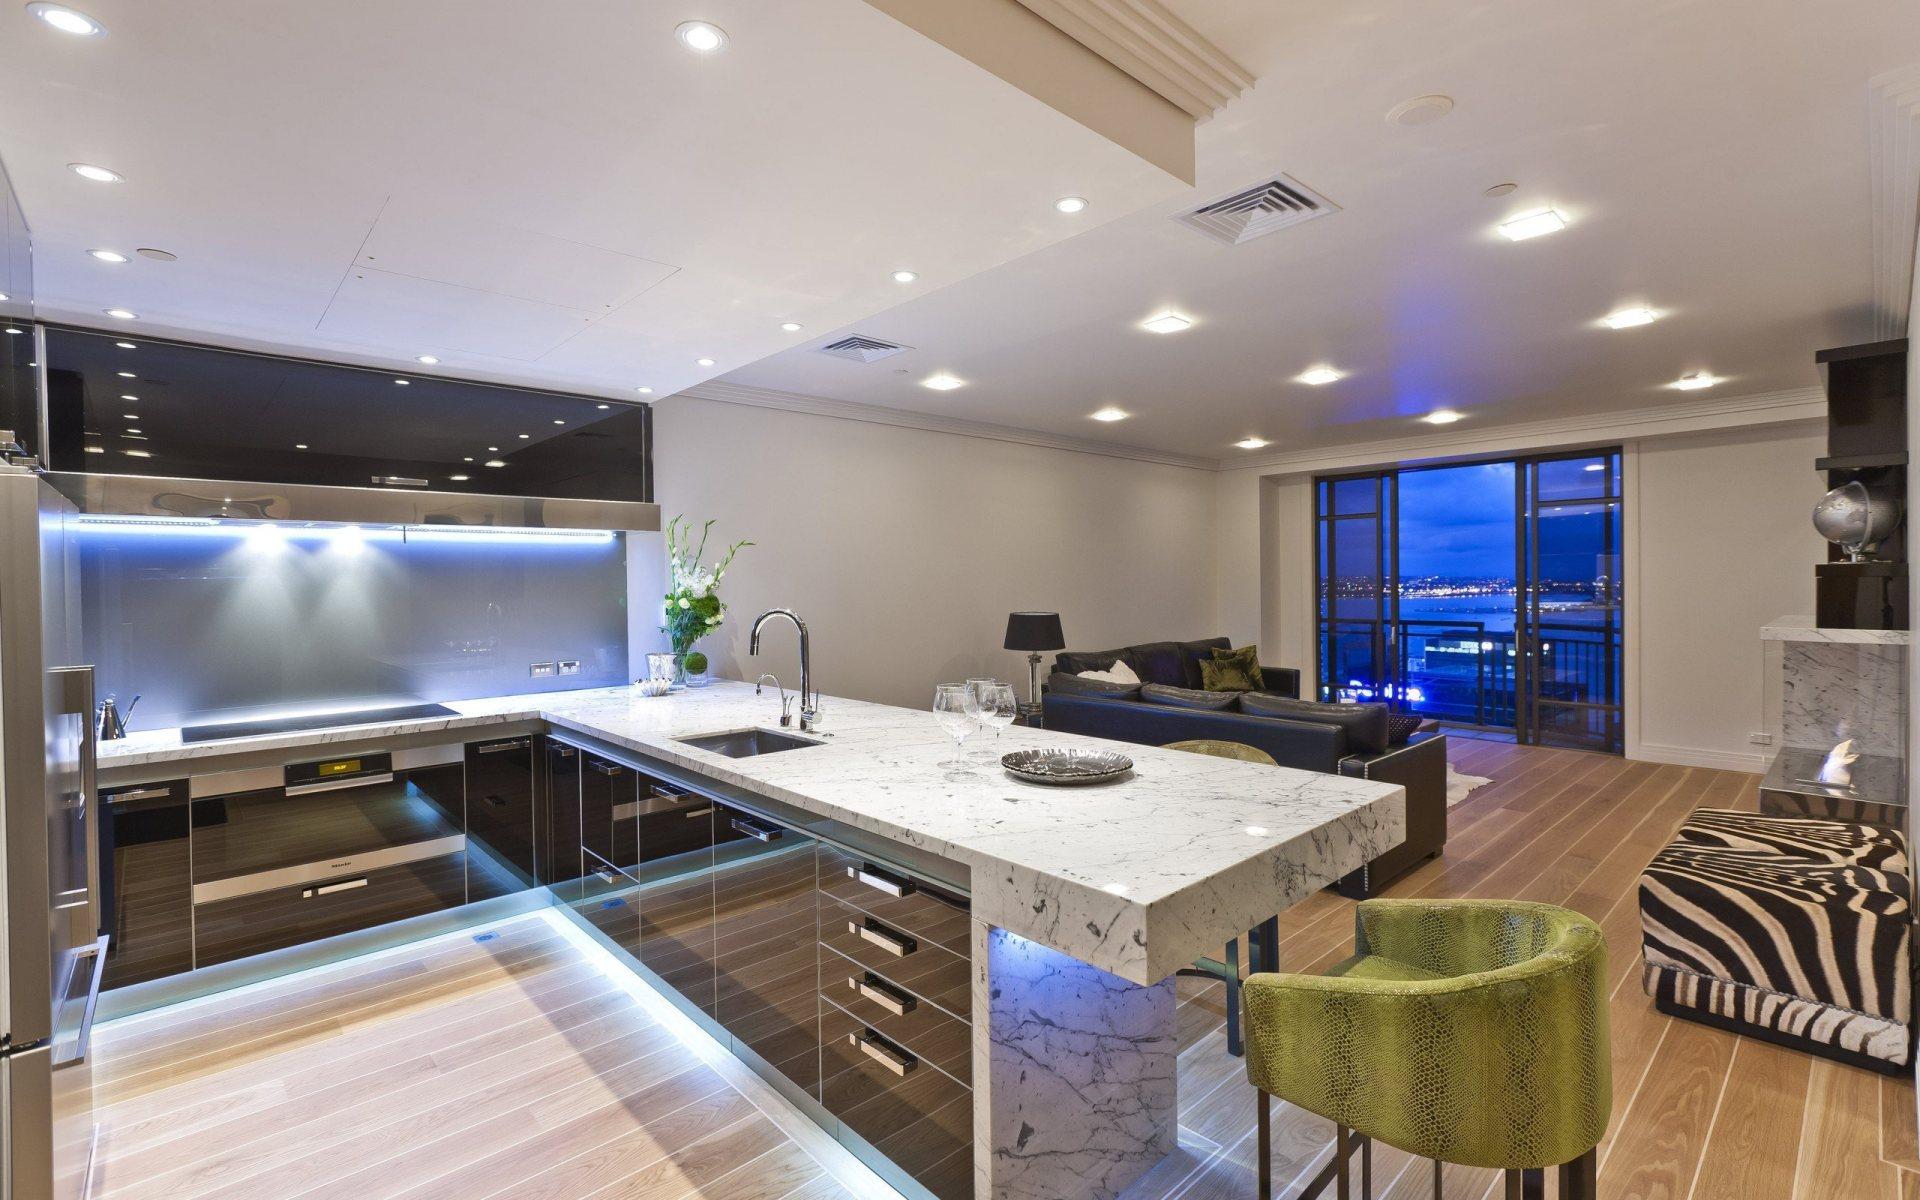 Thiết kế phòng bếp chung cư ấn tượng